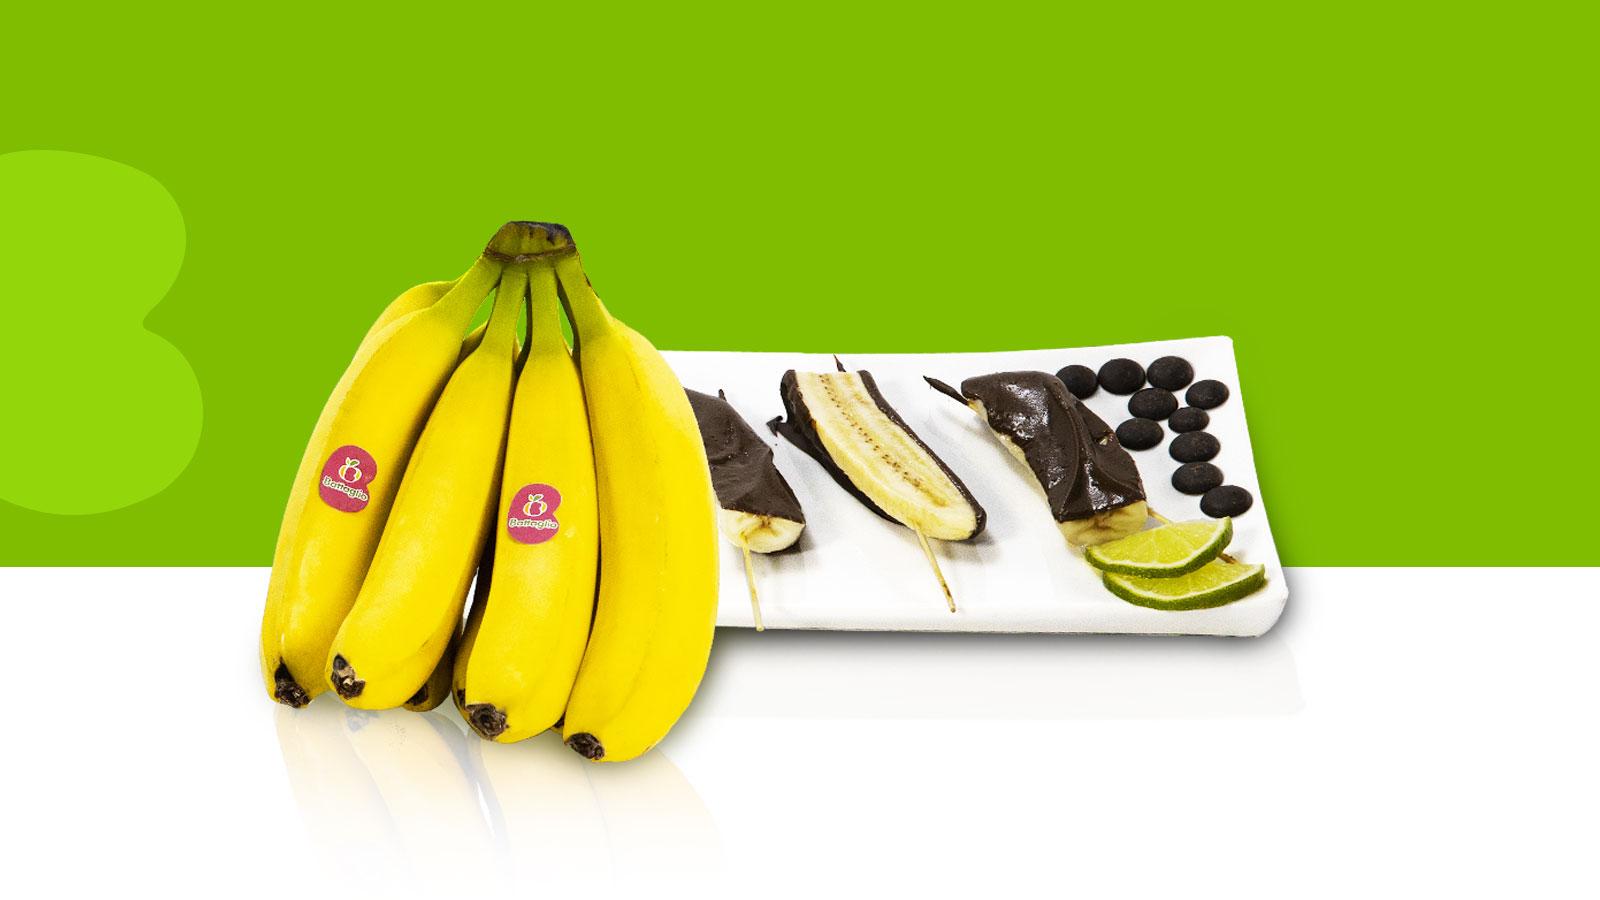 Spiedini di banana al cioccolato